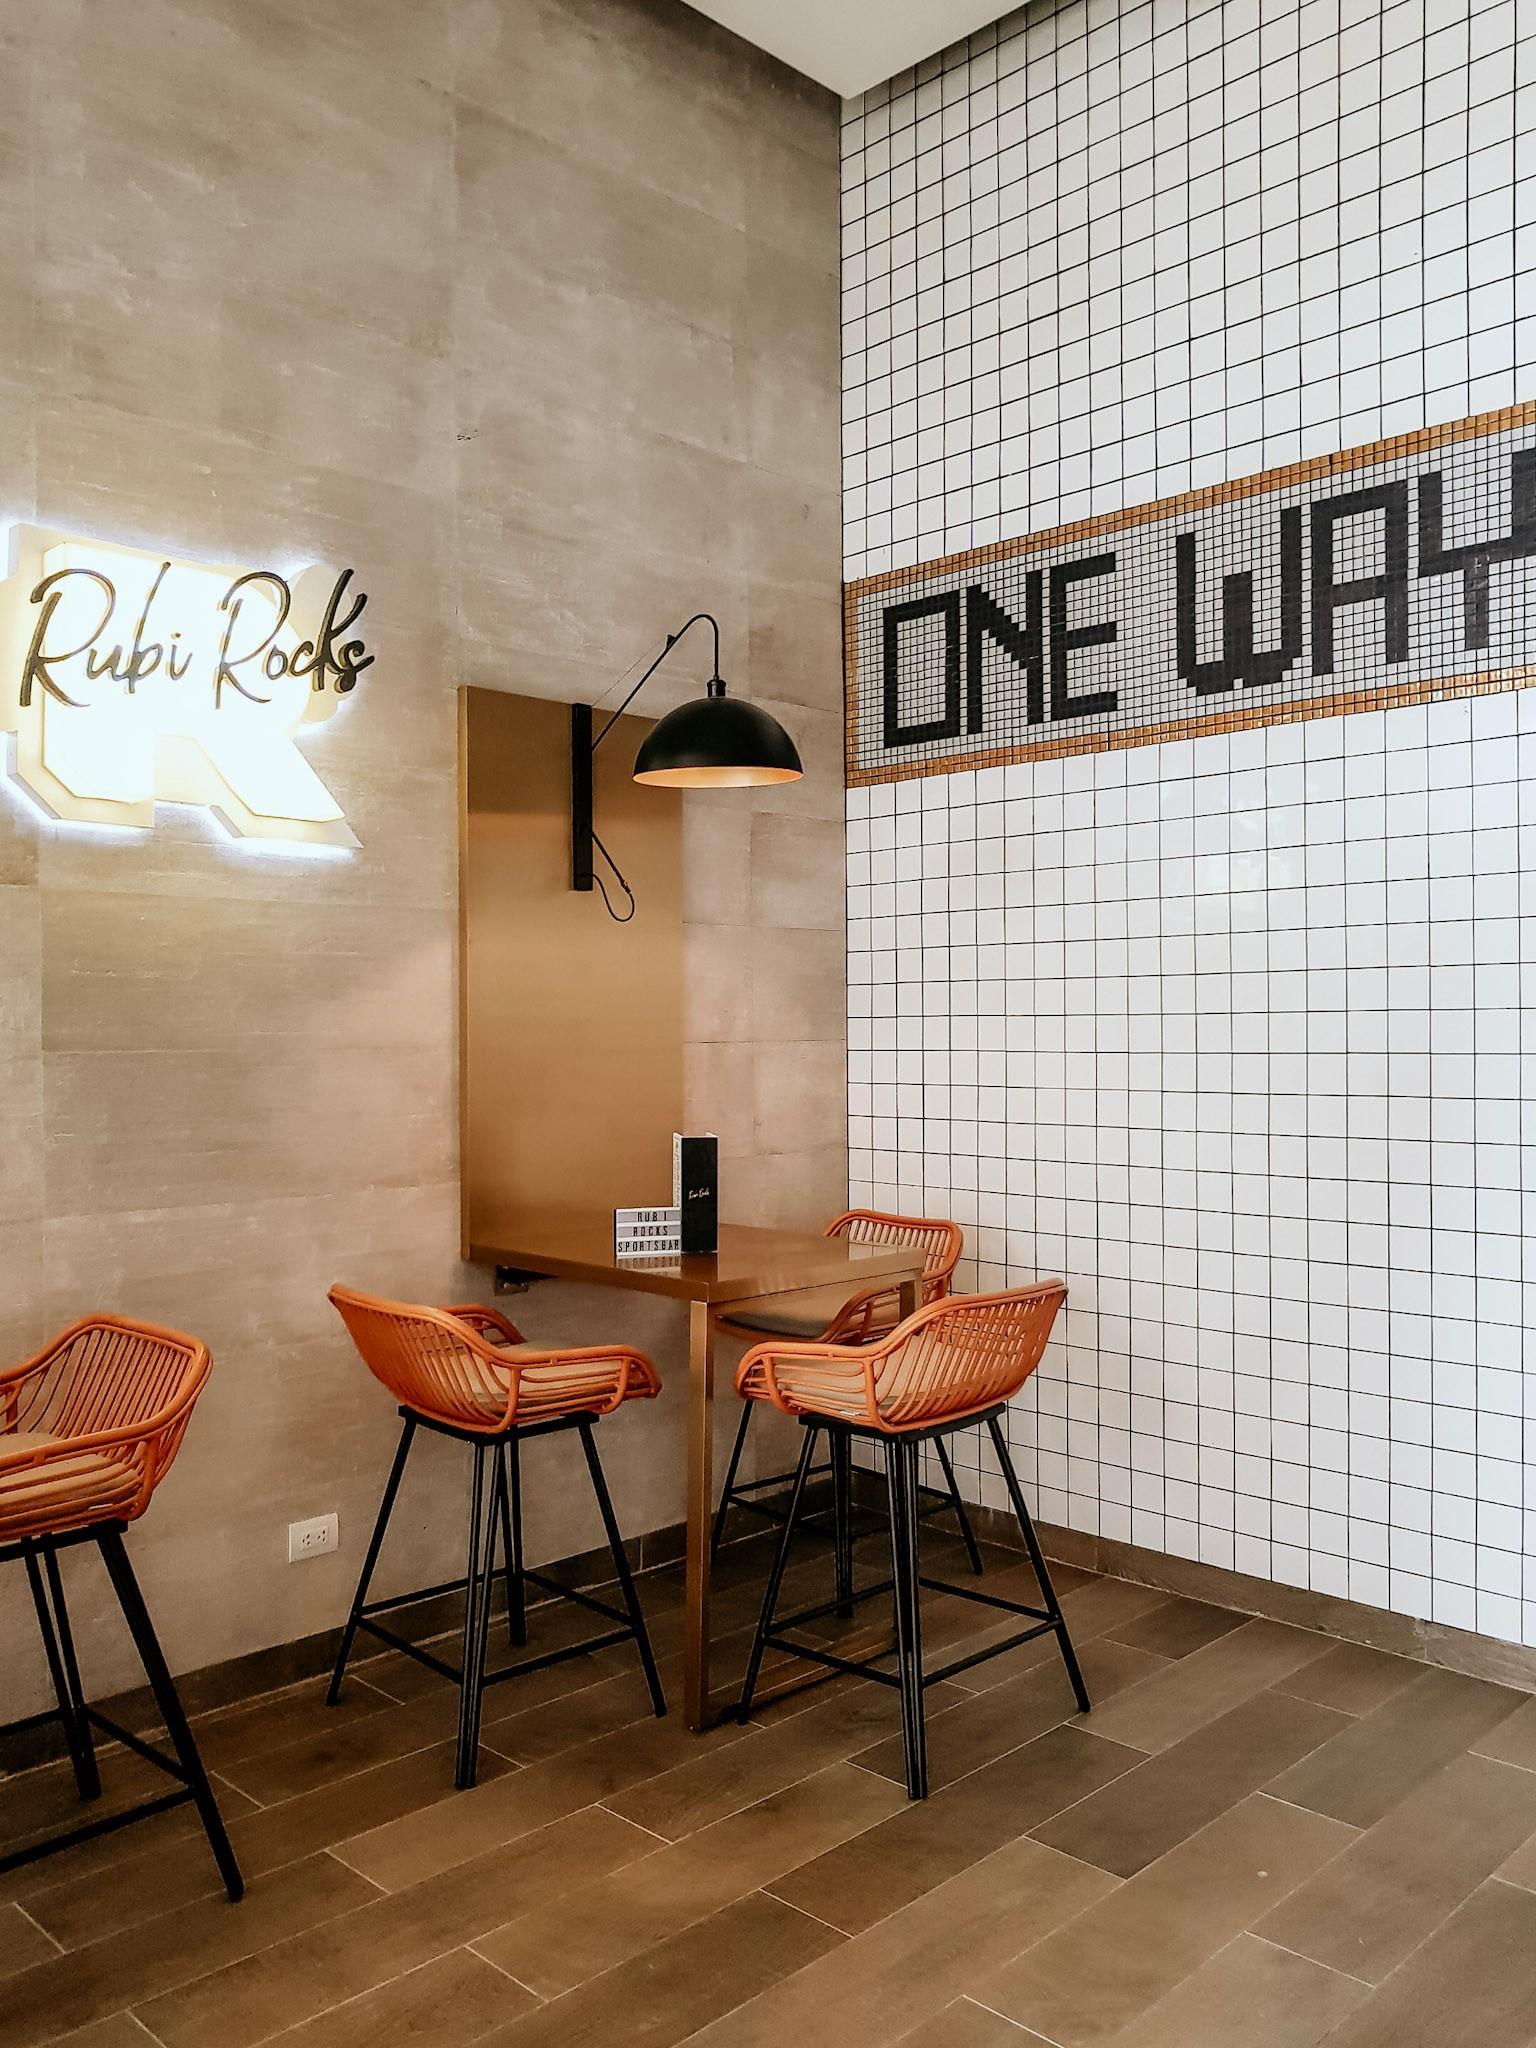 Rubi Rocks Beer & Burger Station